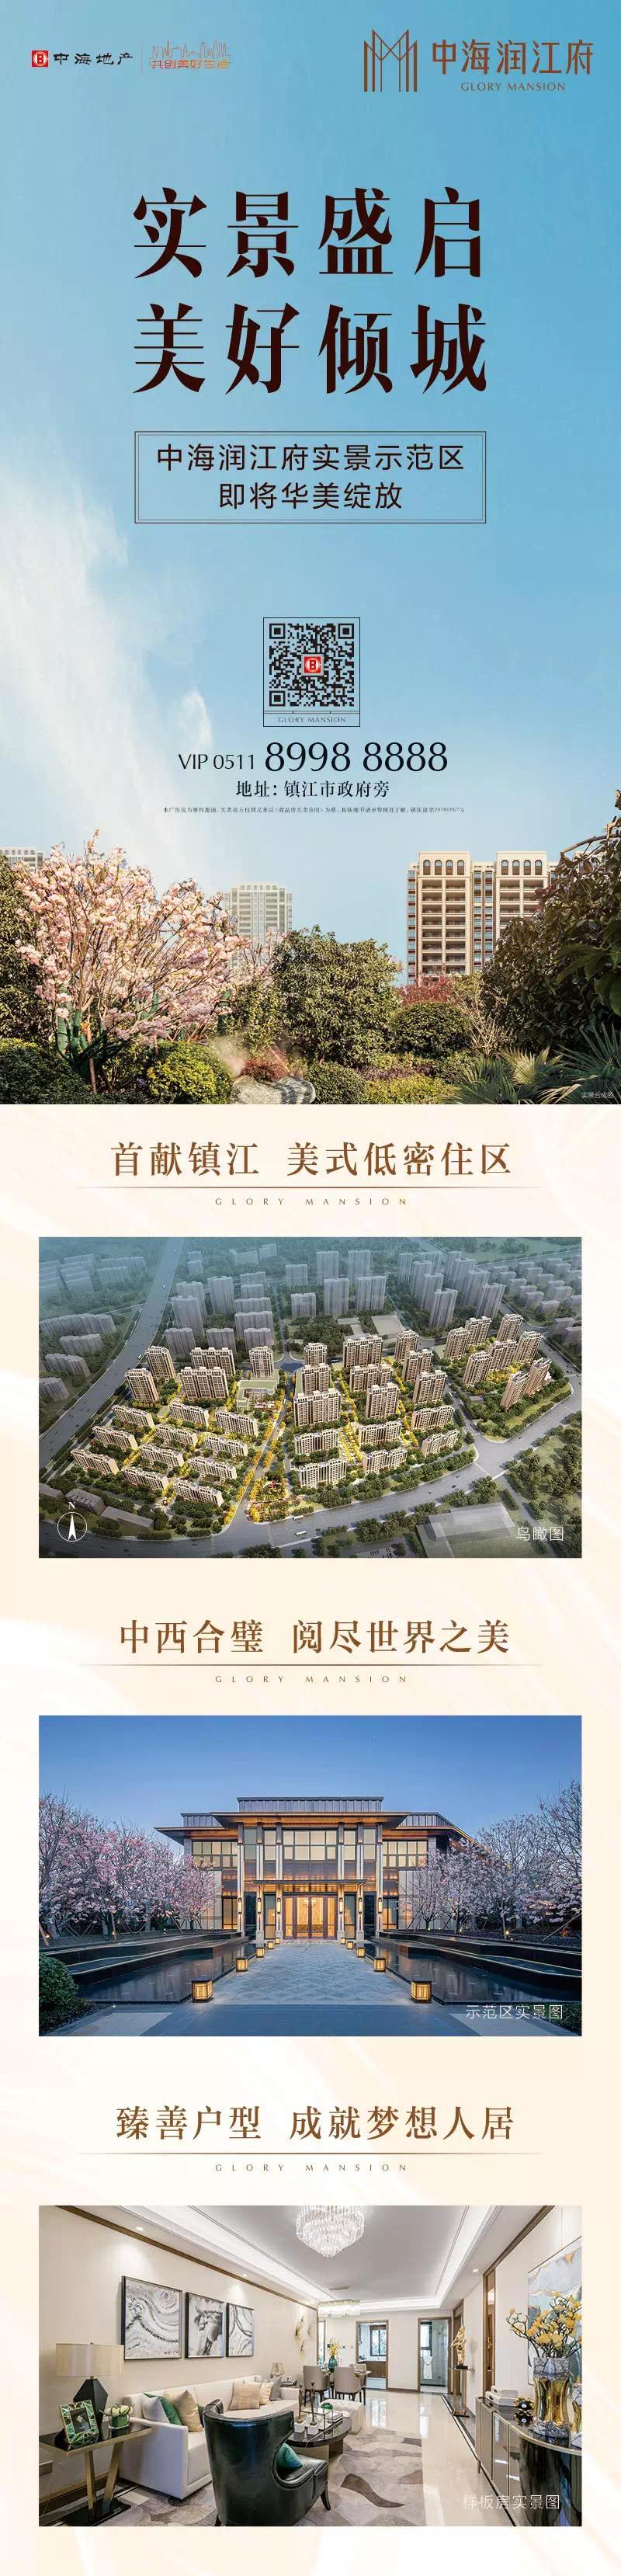 外滩豪宅惊现镇江!逆势涨价1000元/平,底气何在?